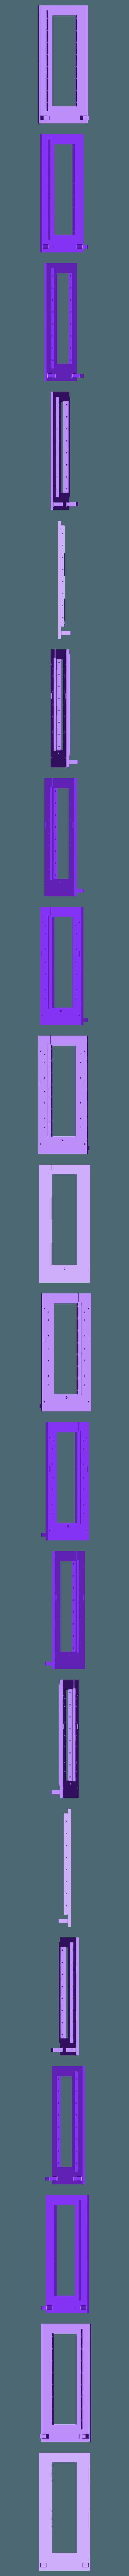 top_frame_dual_outlets_v4.stl Télécharger fichier STL gratuit Ghostbuster Ghostbuster Ghosttrap • Modèle pour impression 3D, SLIDES